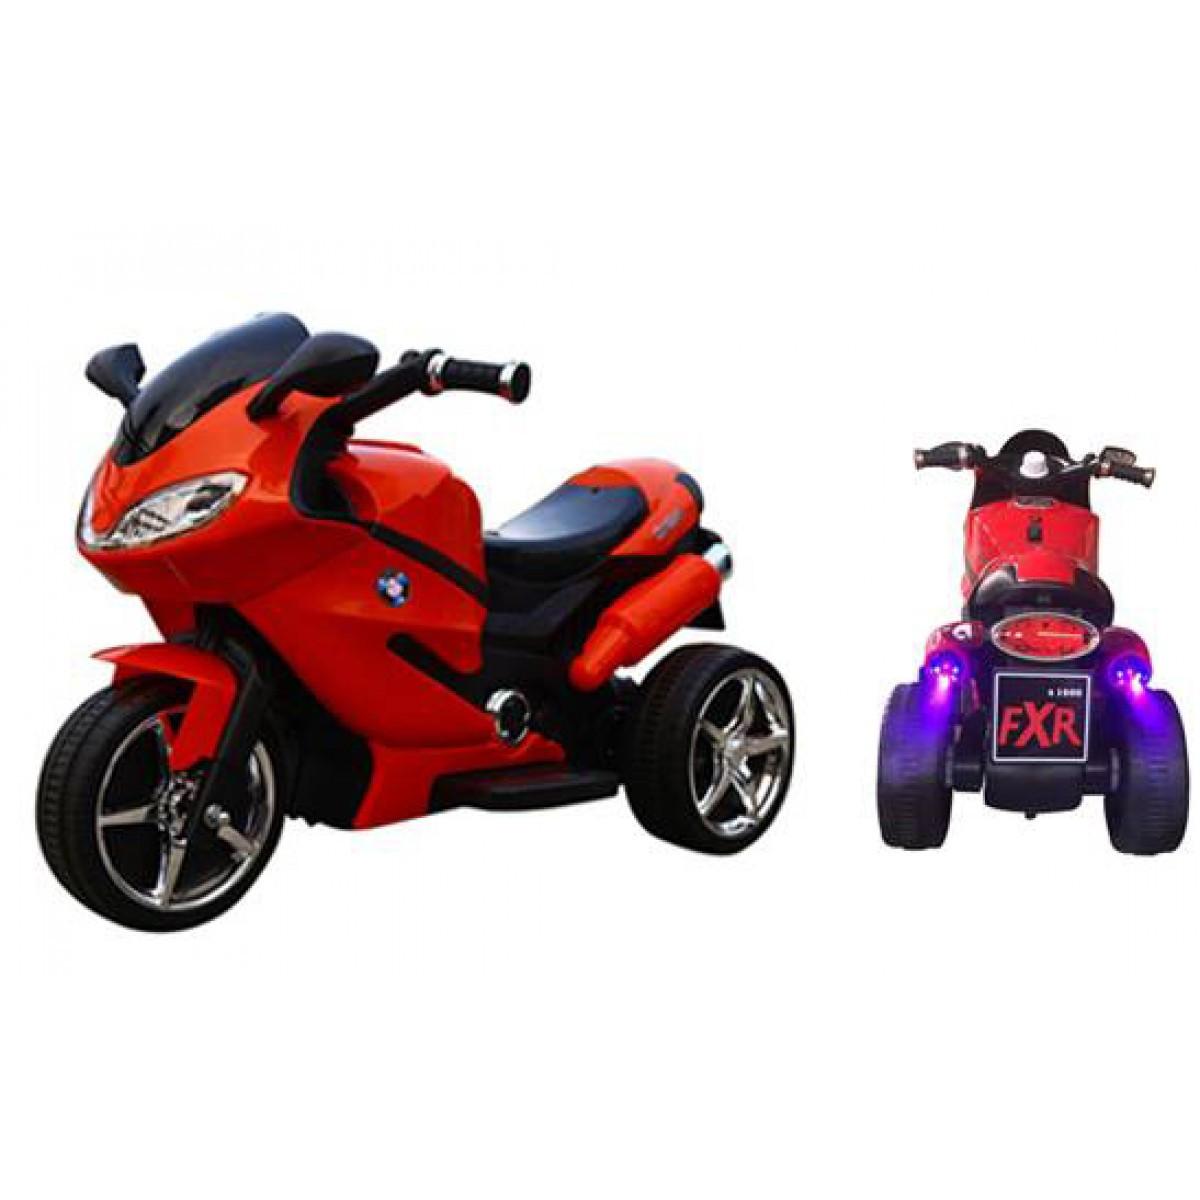 Детский мотоцикл с Ева колесами T-7225 красный